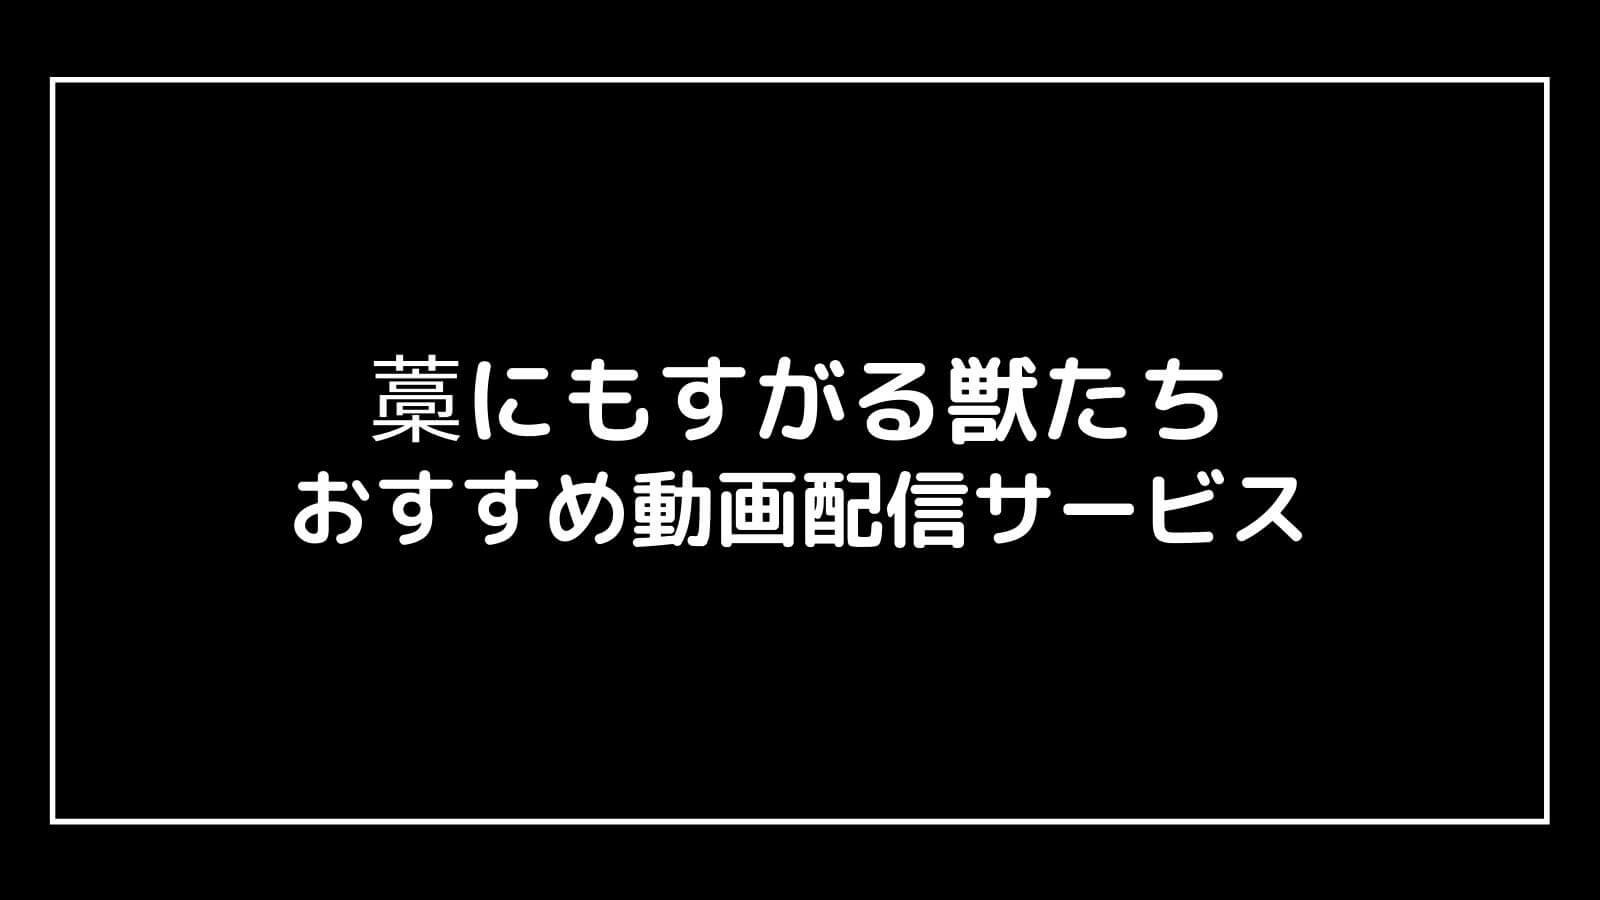 映画『藁にもすがる獣たち』の無料映画配信をフル視聴できる動画サイト